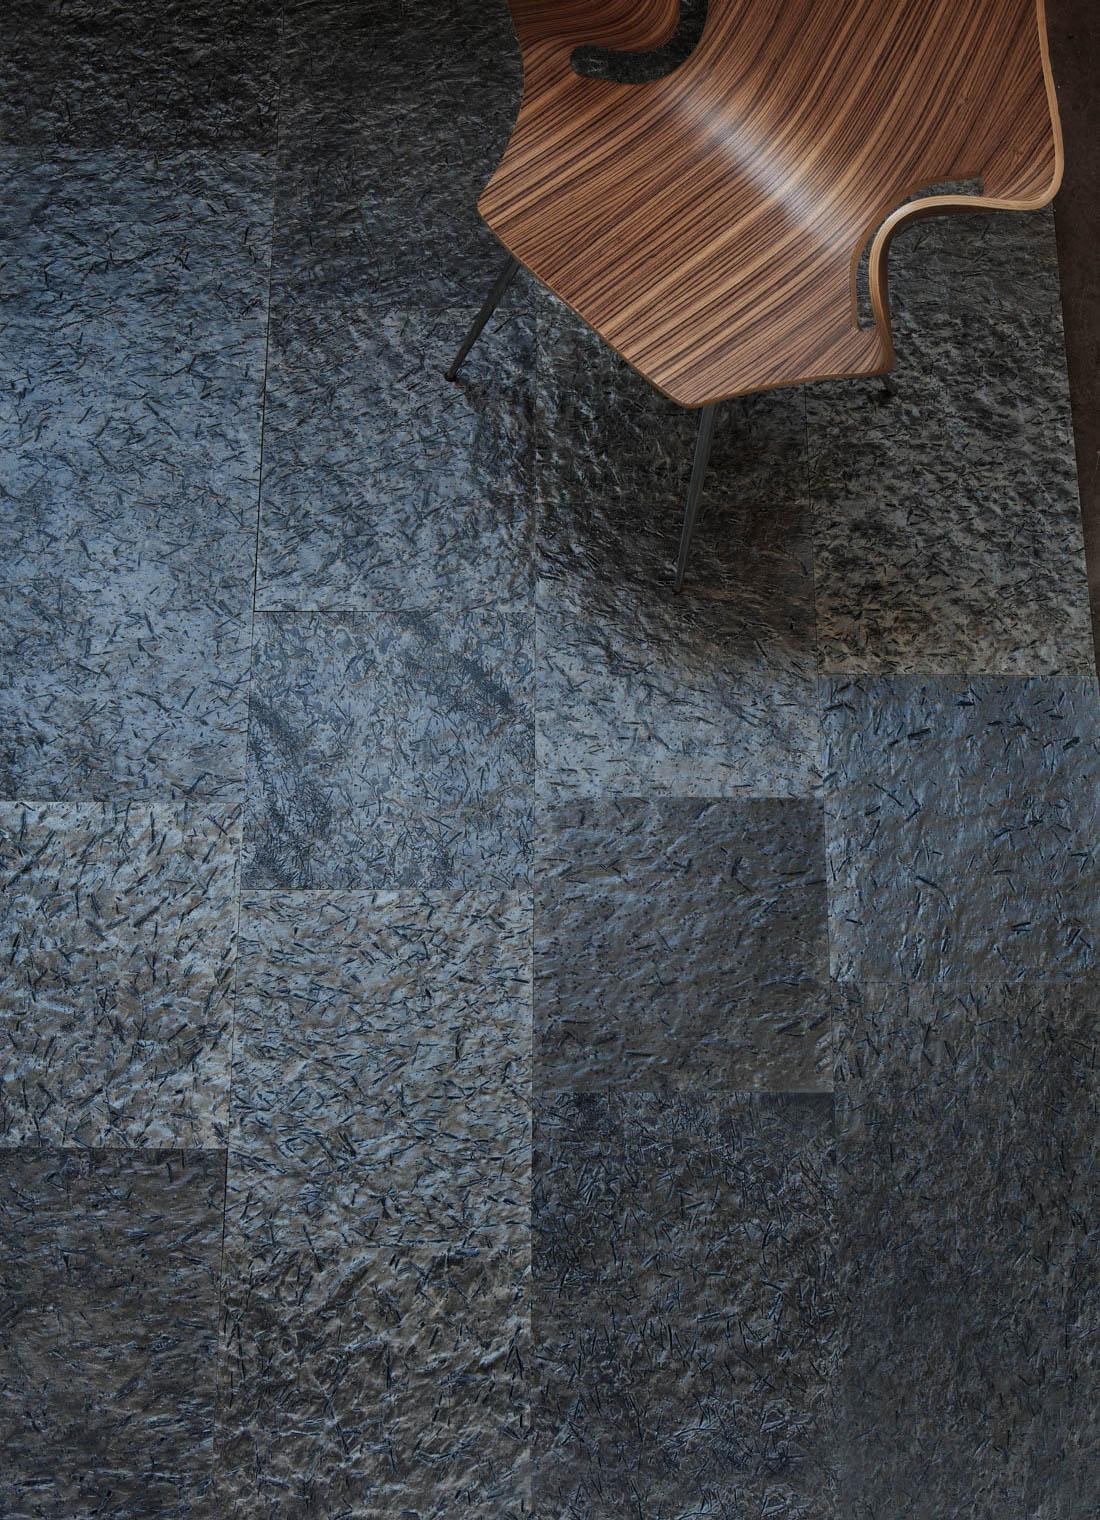 Sorte fliser på gulvet